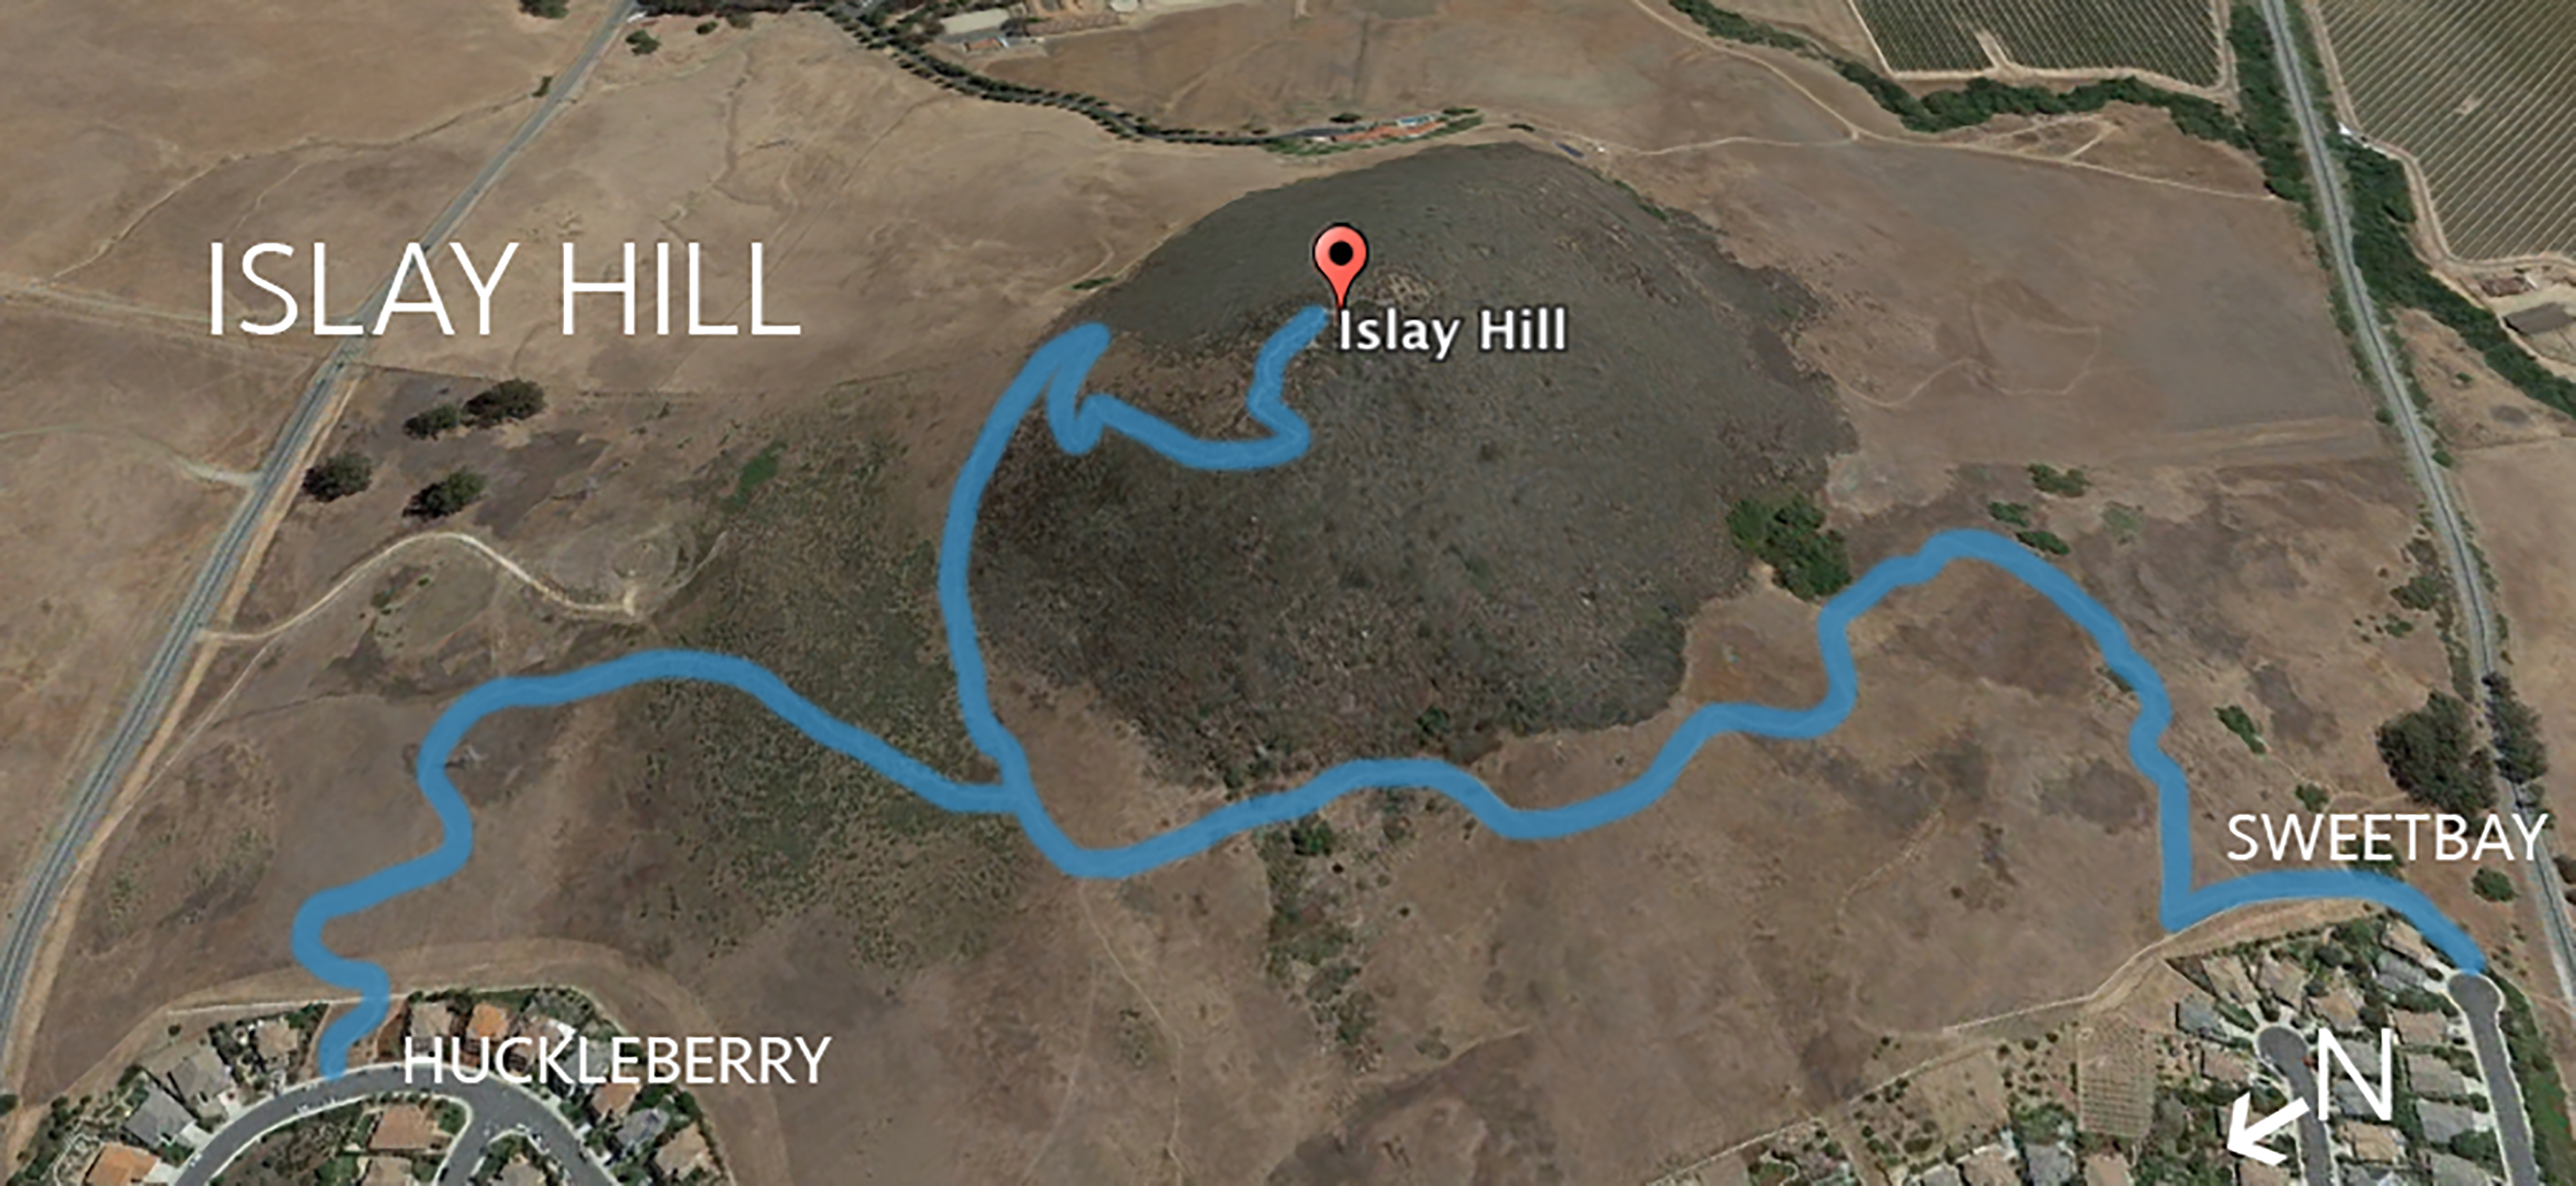 islay hill